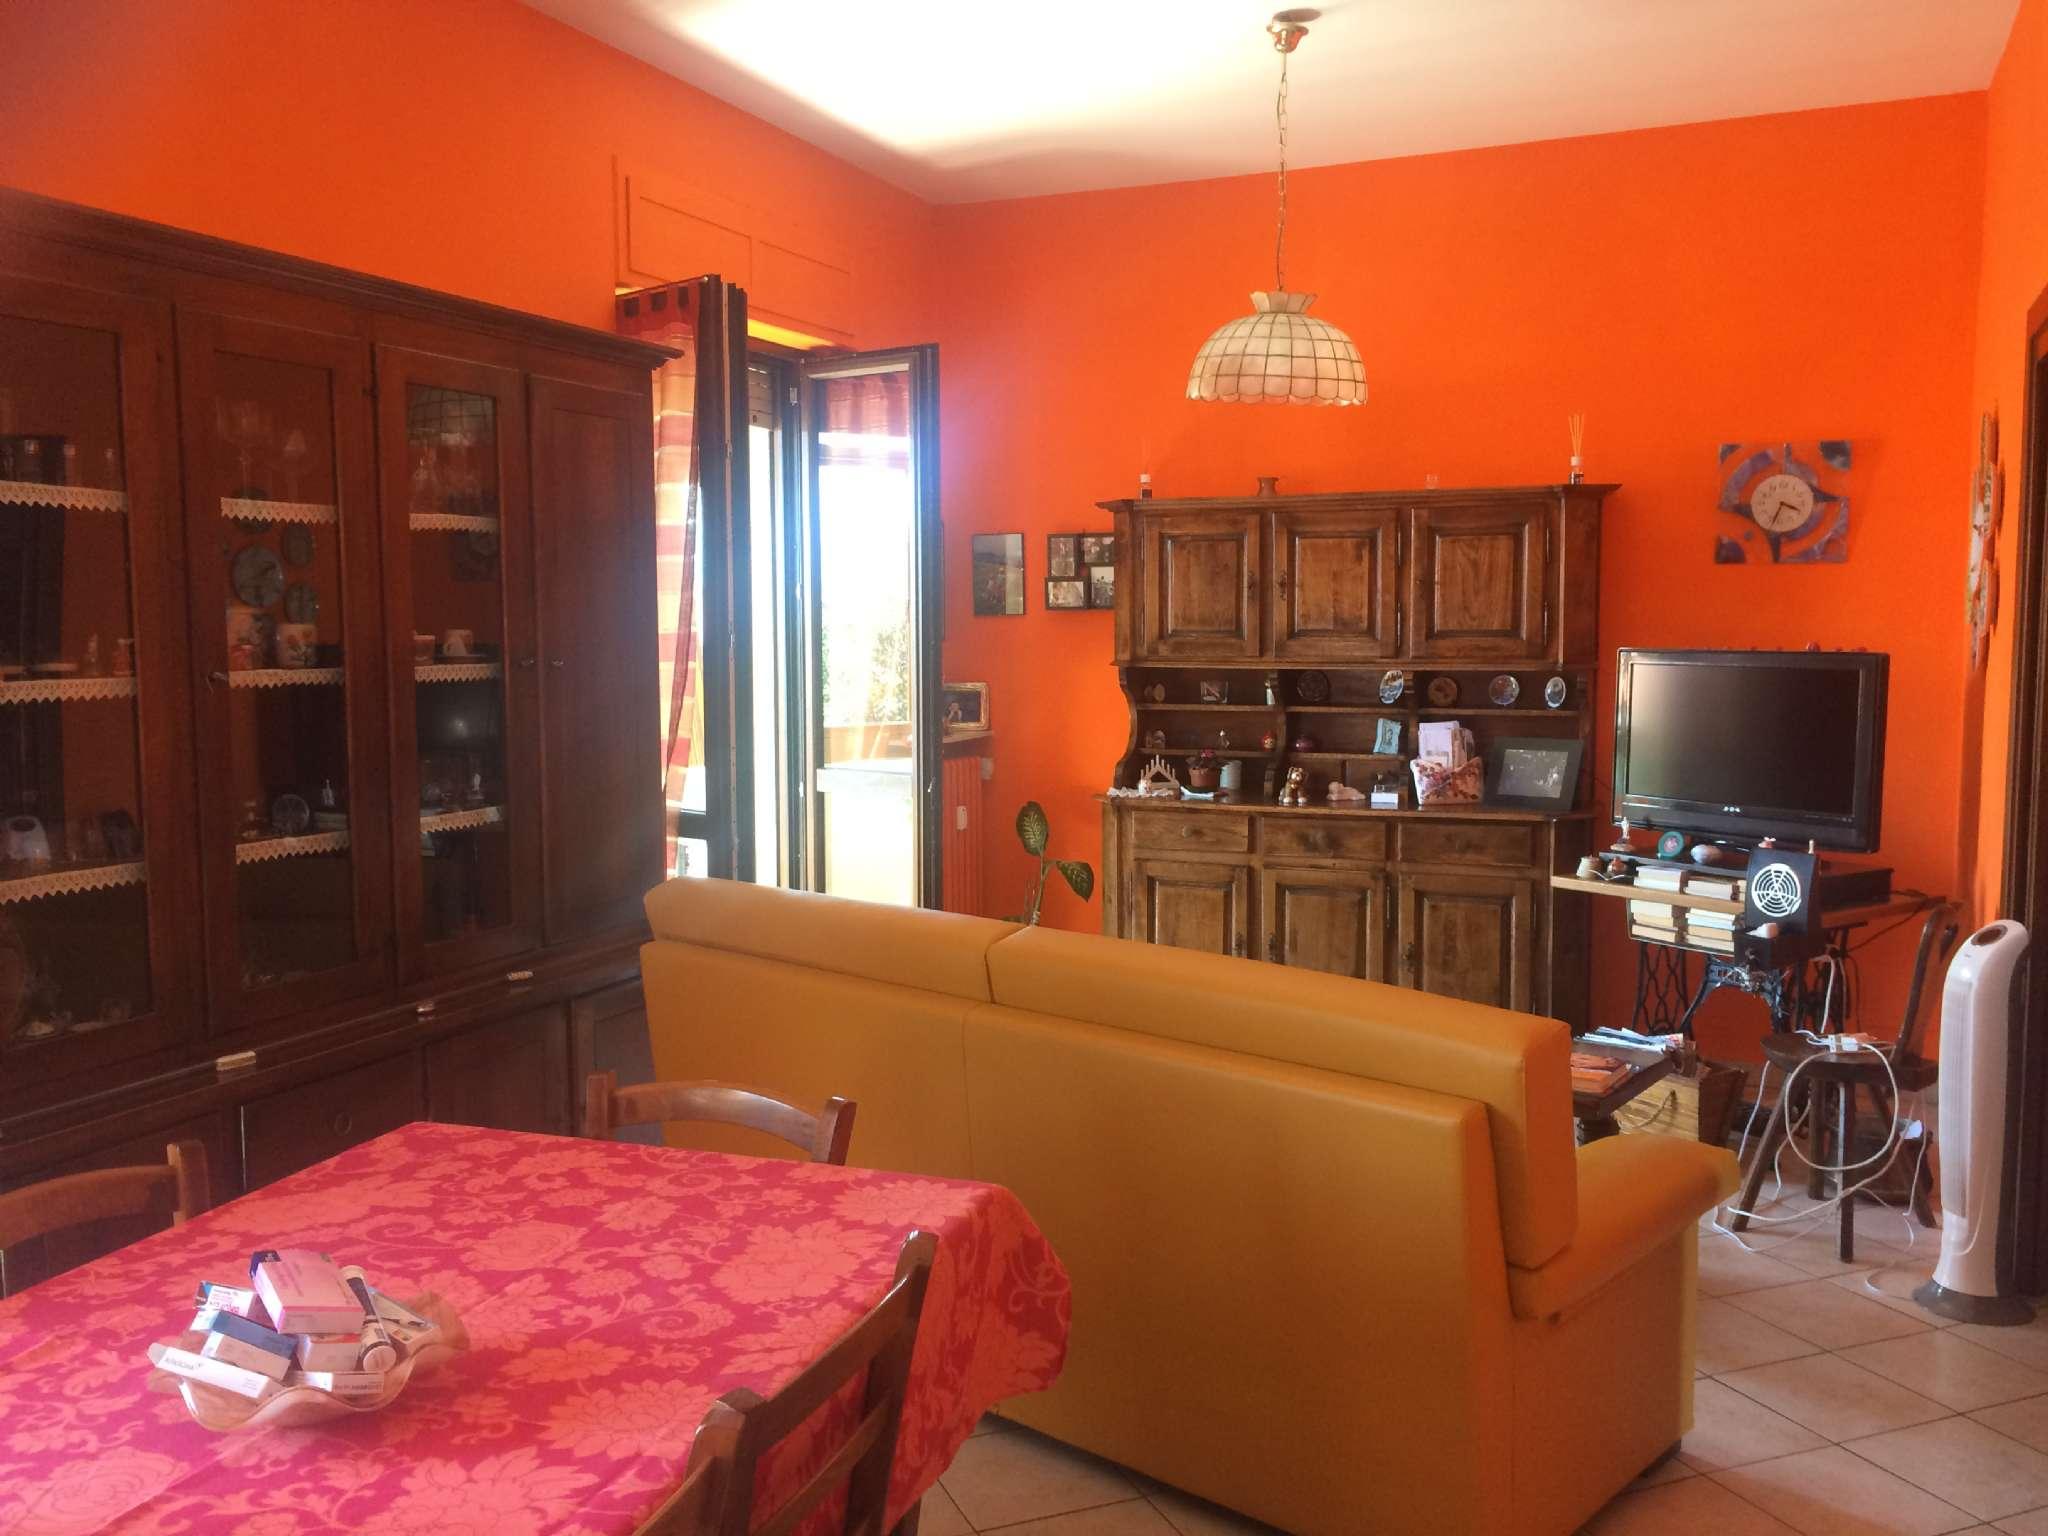 Appartamento in vendita a Cuneo, 5 locali, prezzo € 119.000 | CambioCasa.it